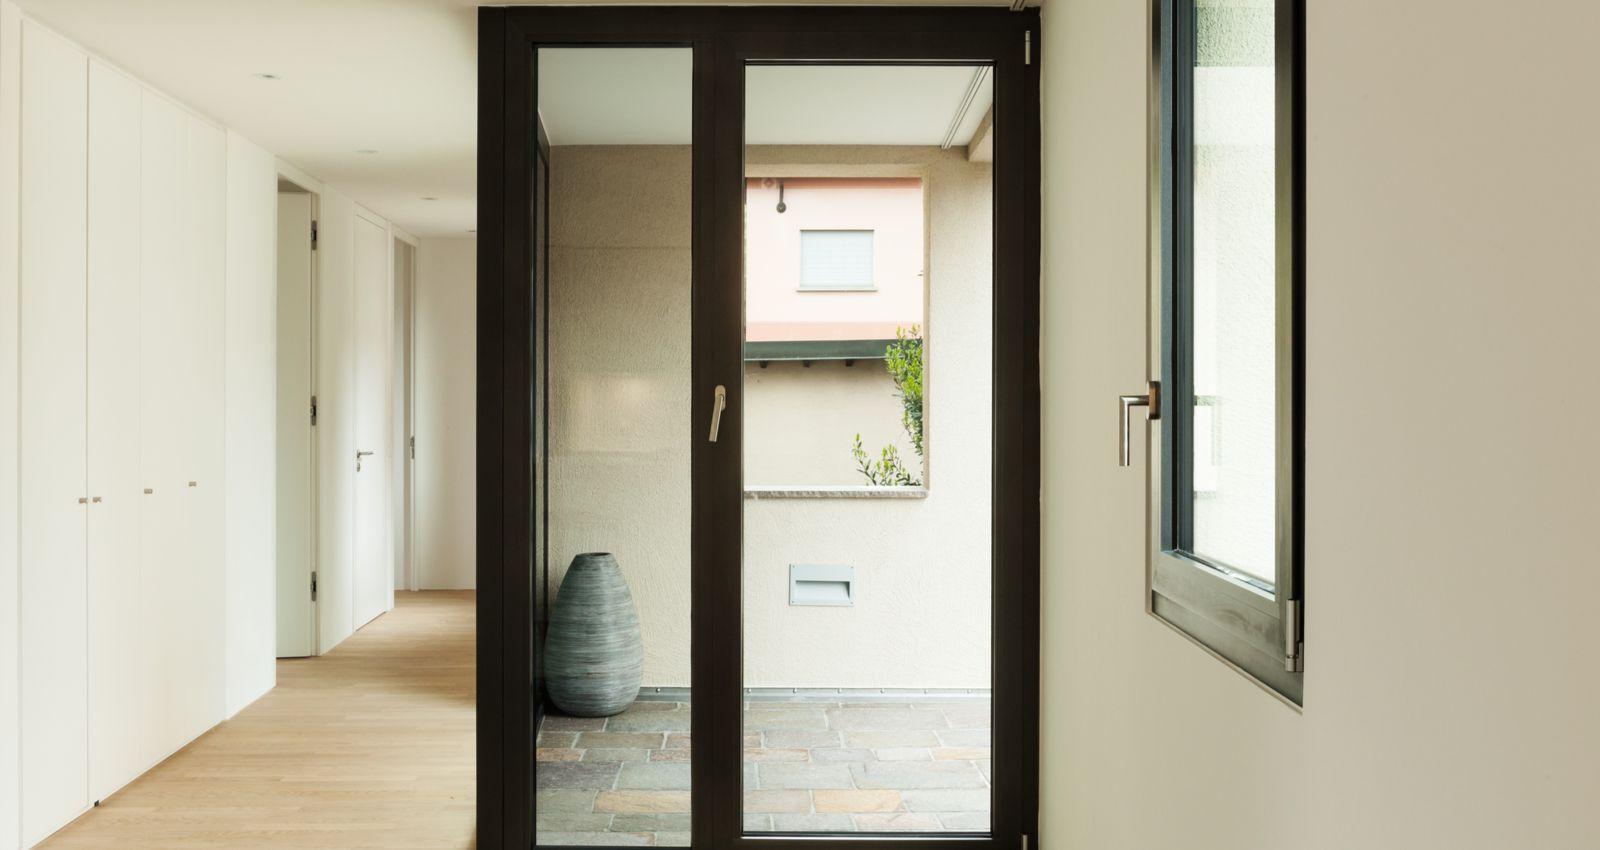 Combien Coute Une Baie Vitrée A Galandage comment installer une porte fenêtre coulissante ?